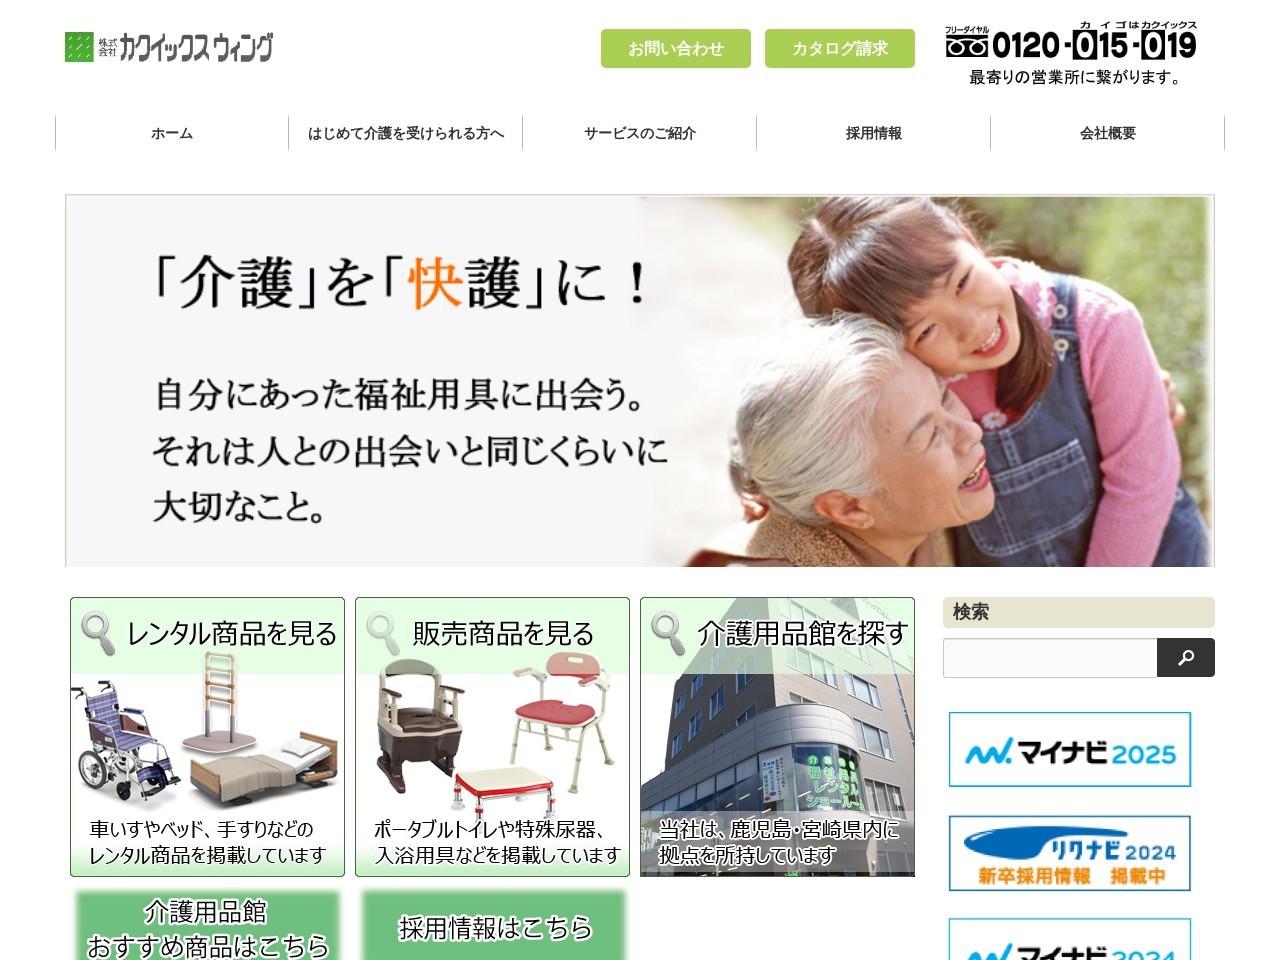 株式会社カクイックスウィング宮崎営業所